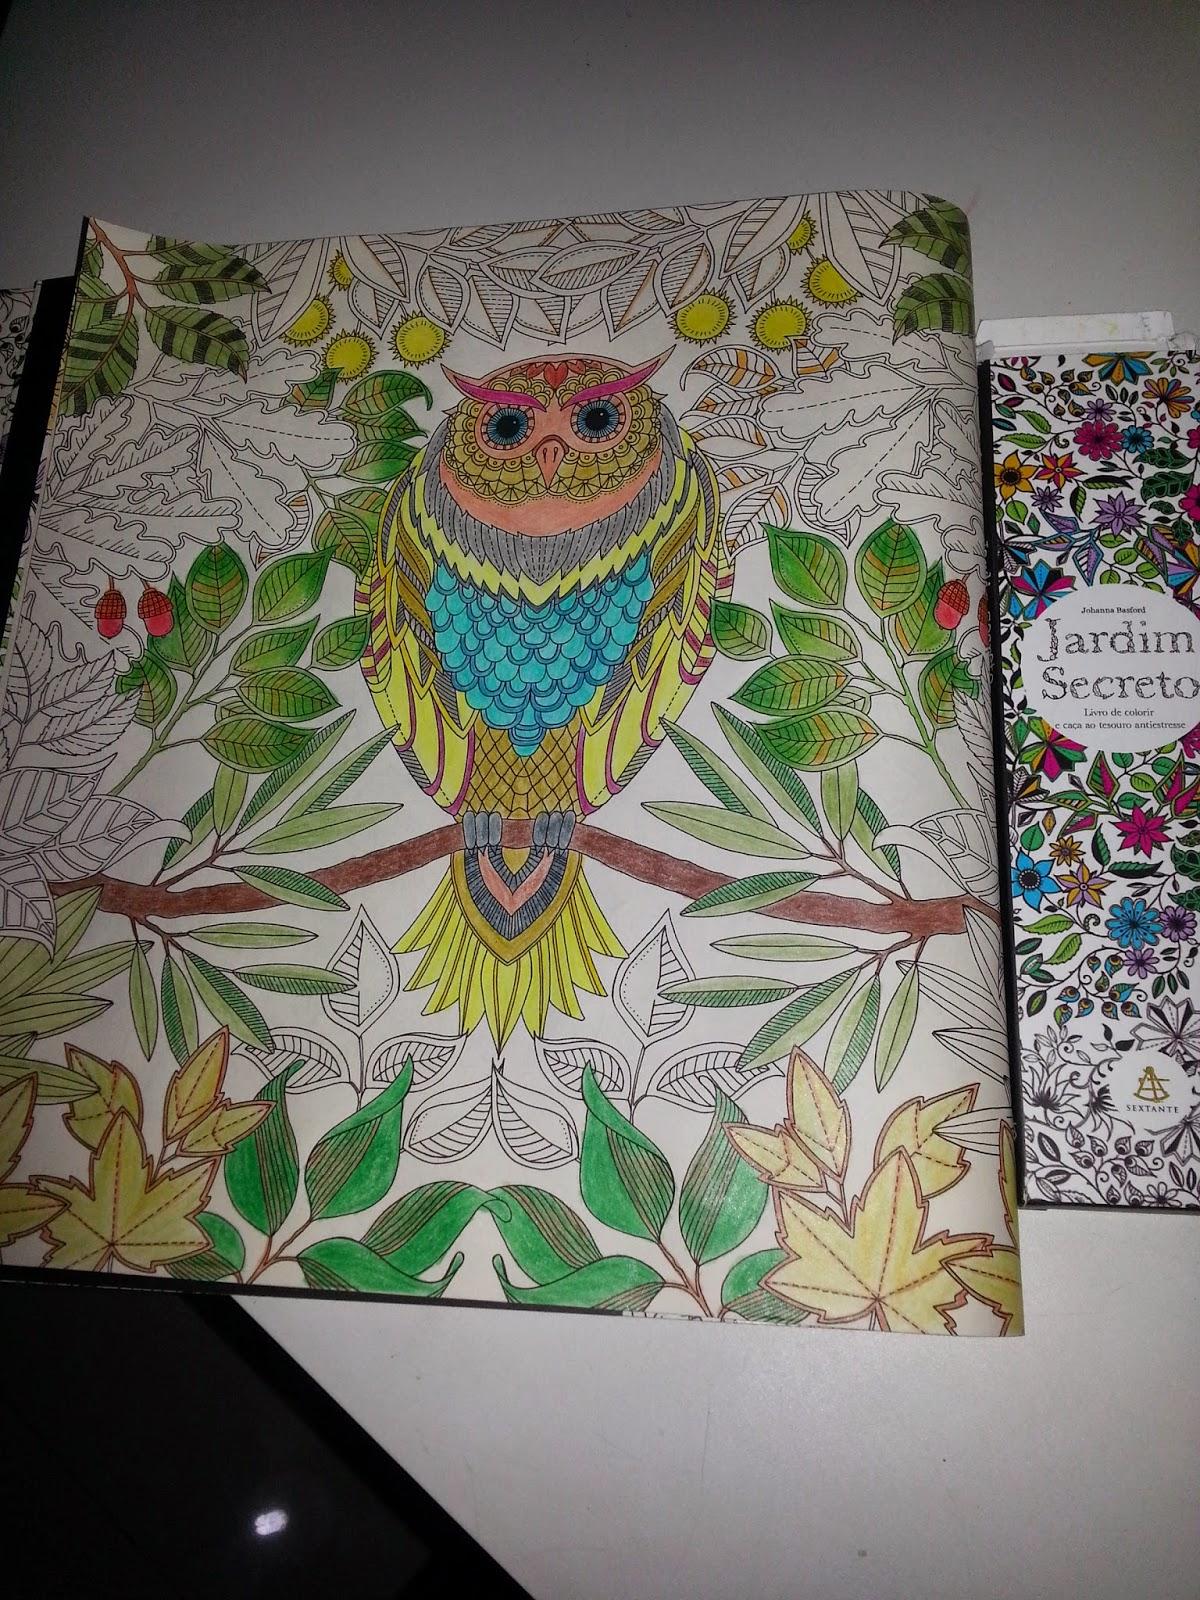 ideias para pintar livro jardim secreto : ideias para pintar livro jardim secreto:Jardim Secreto – Quem Lê faz seu Filme